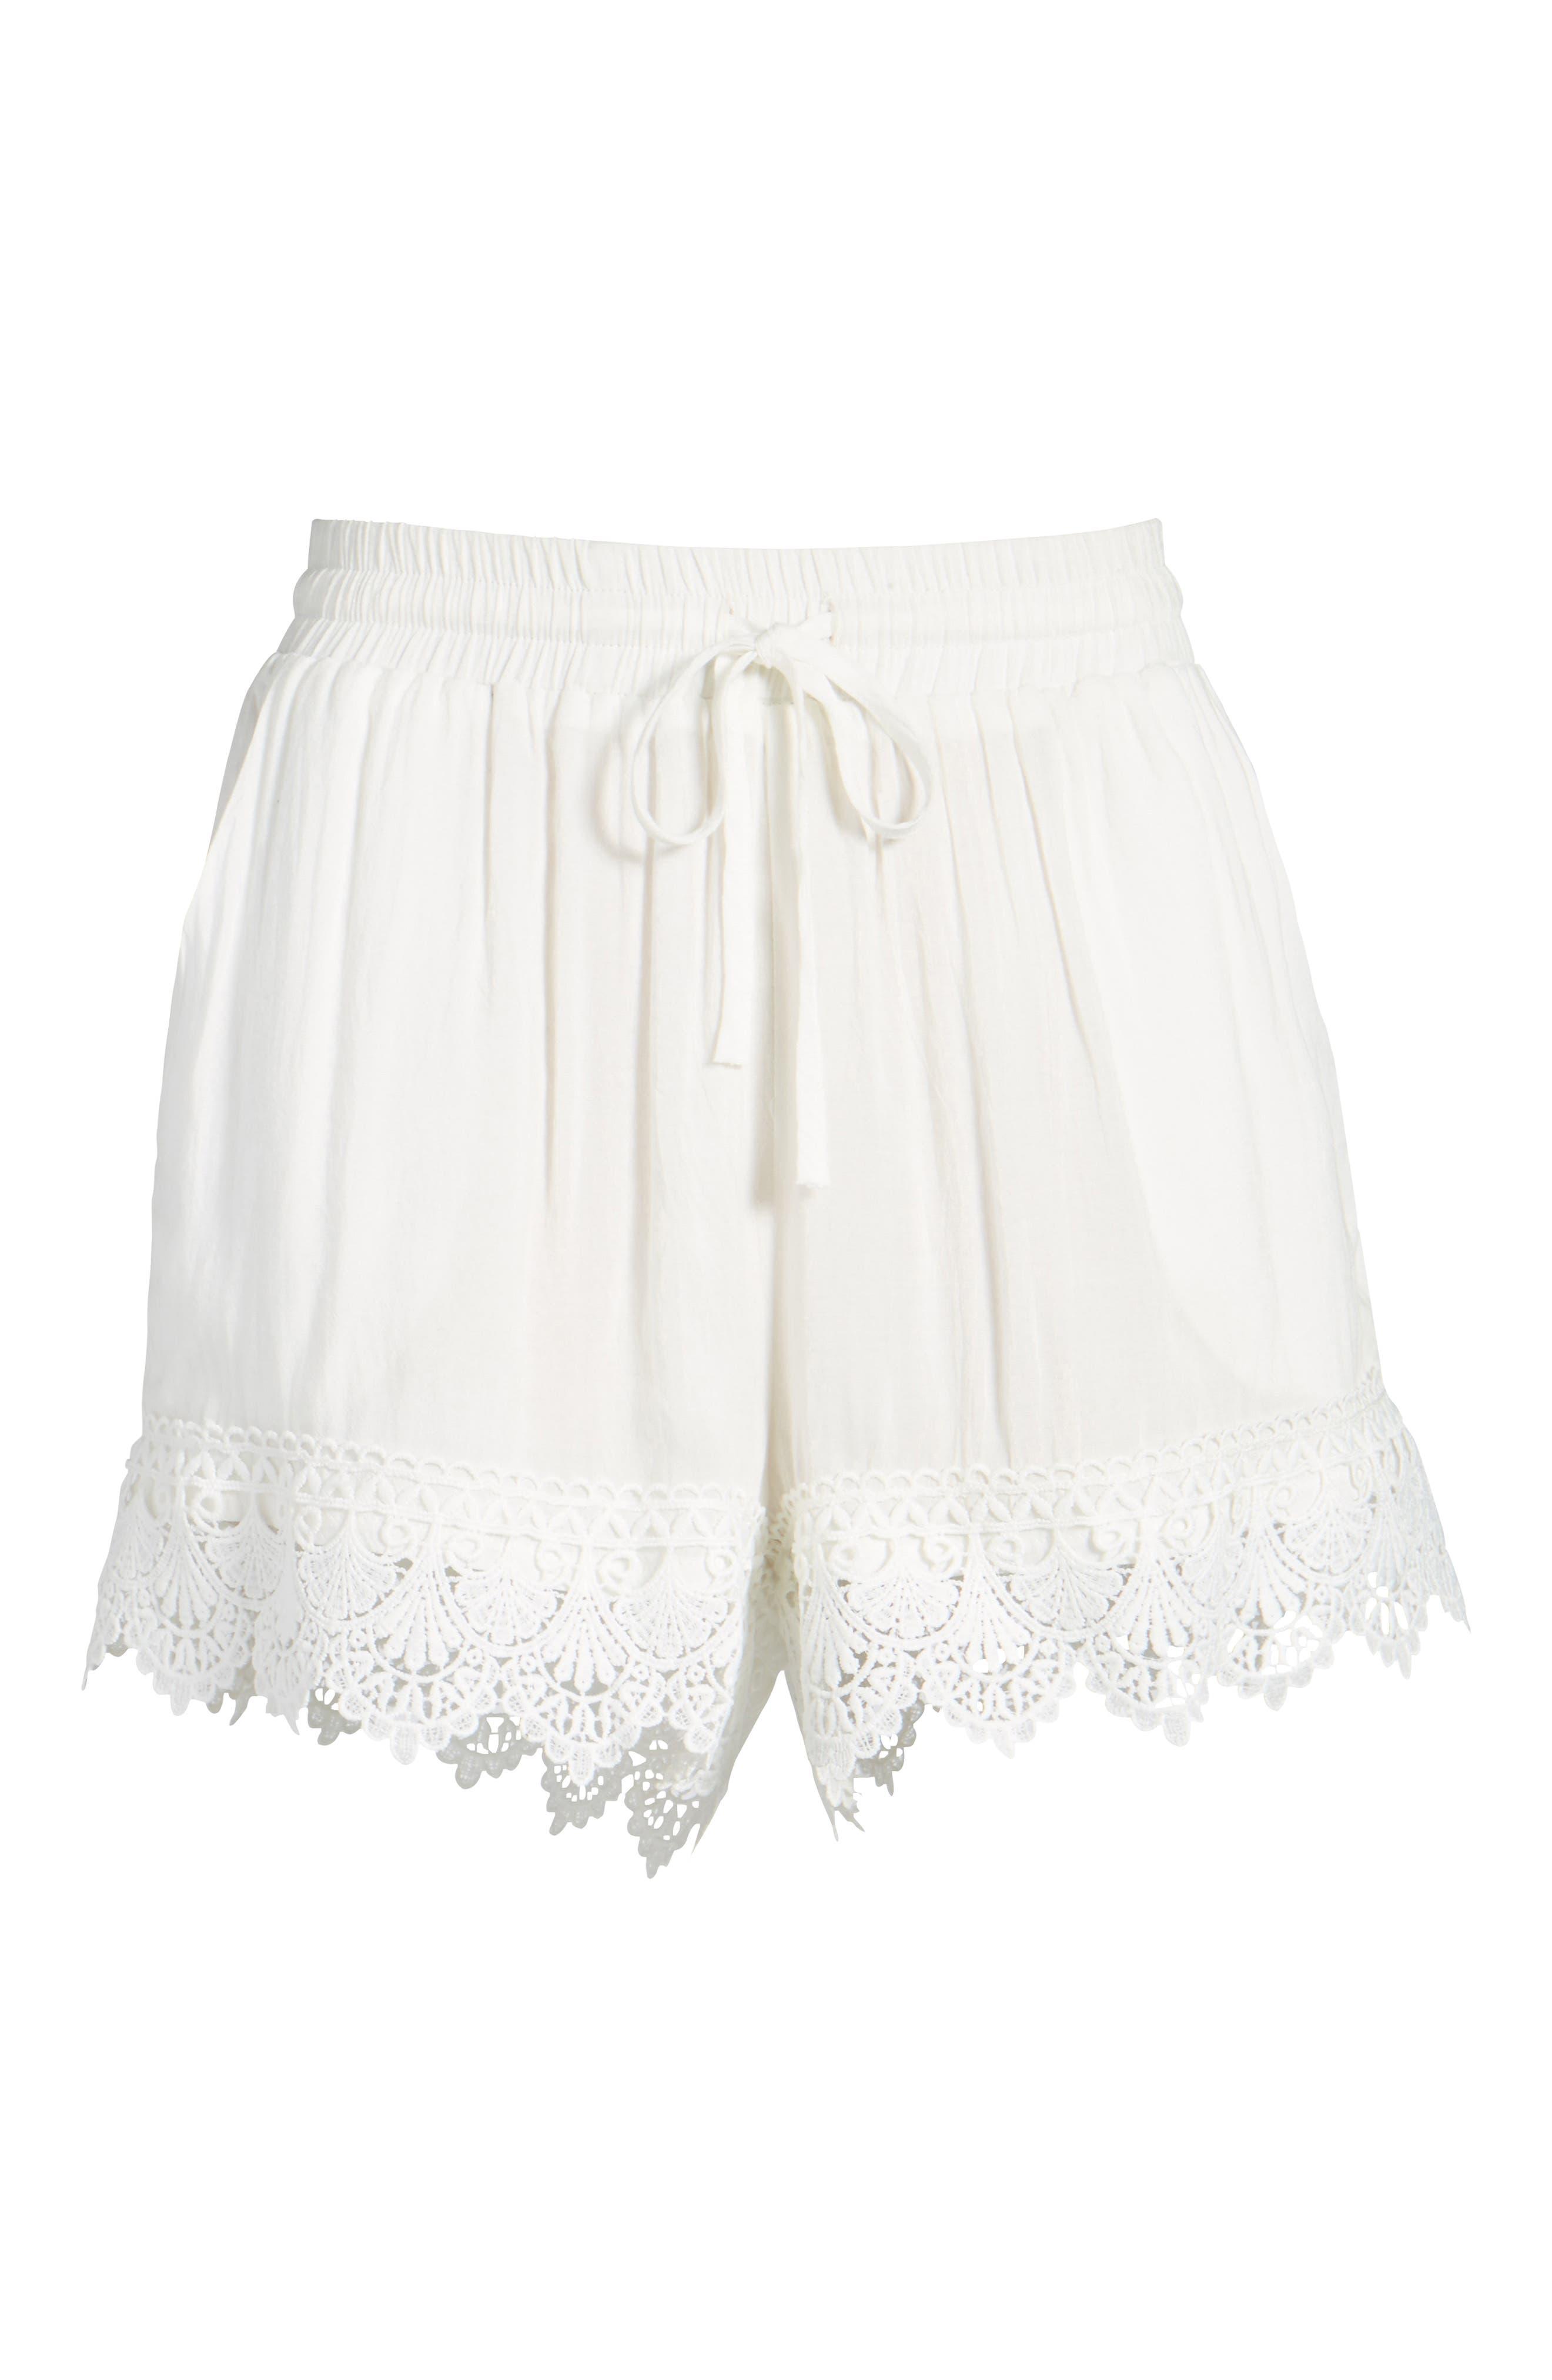 Lace Hem Shorts,                             Alternate thumbnail 6, color,                             100